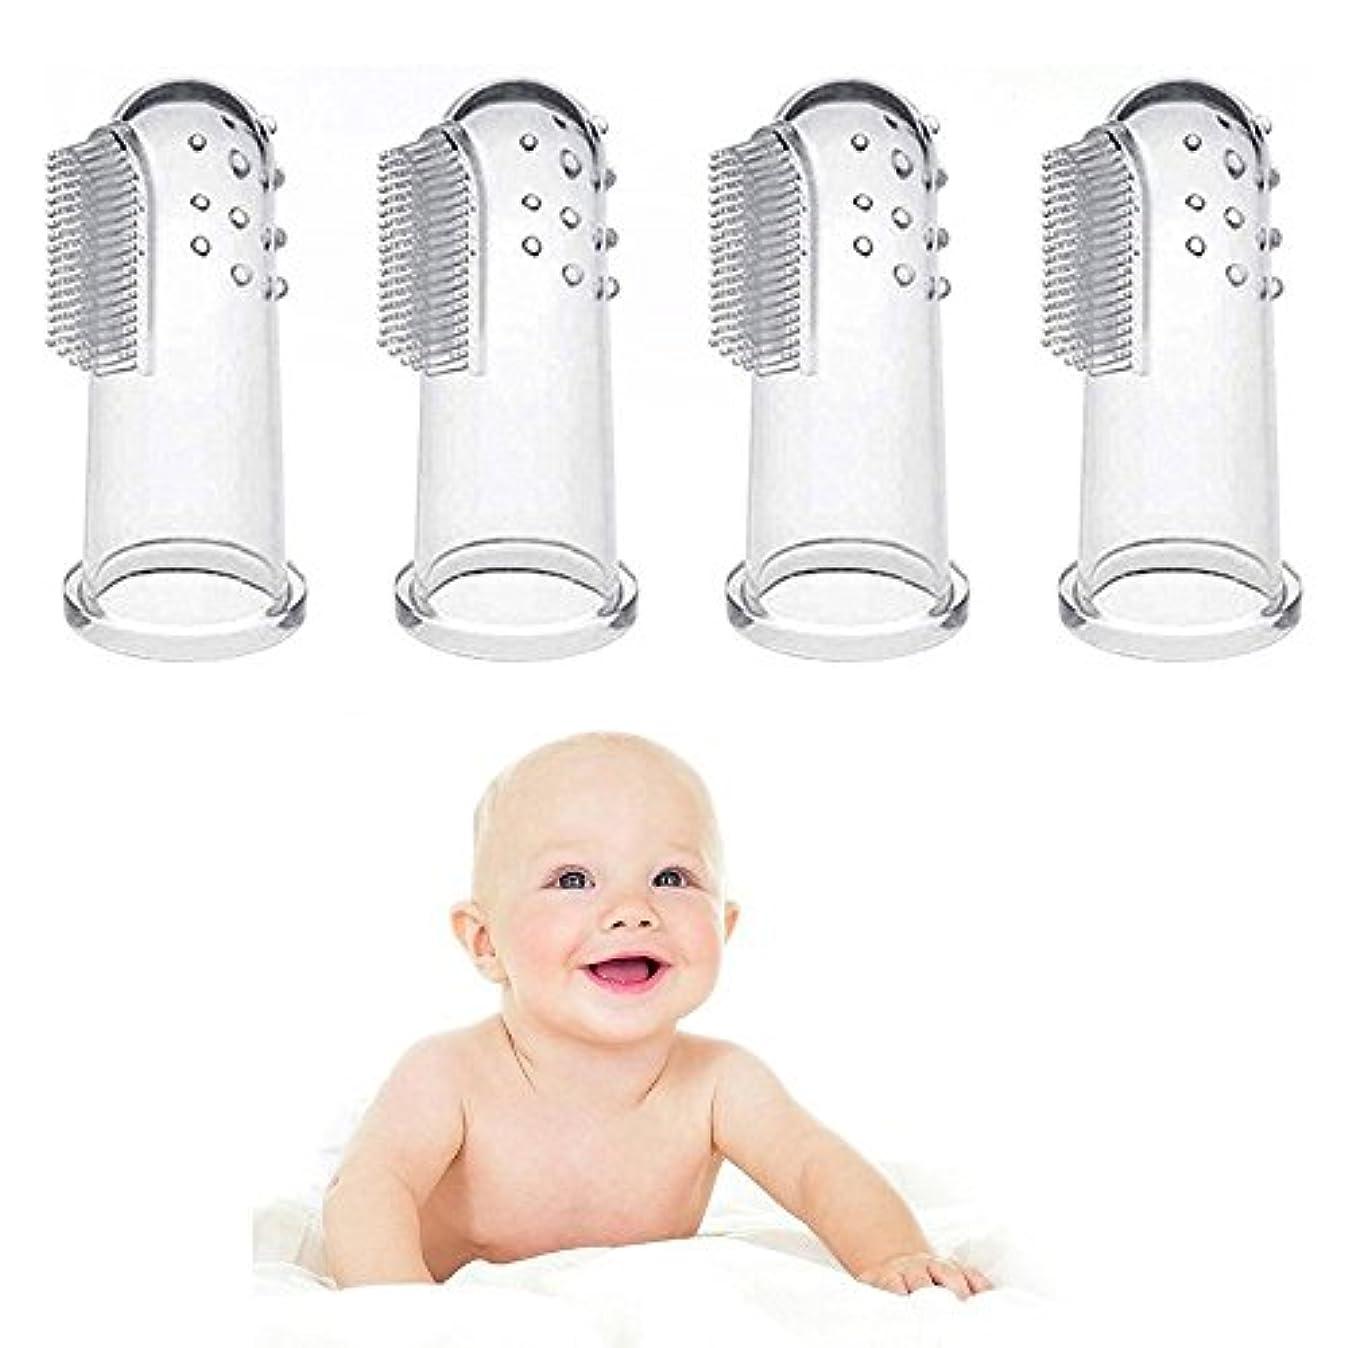 同一性人生を作る記念品4 個入赤ちゃん指歯ブラシ、赤ちゃん食品グレード シリコーン歯ブラシ歯がため用指歯ブラシと赤ちゃん幼児子供の口腔マッサージ